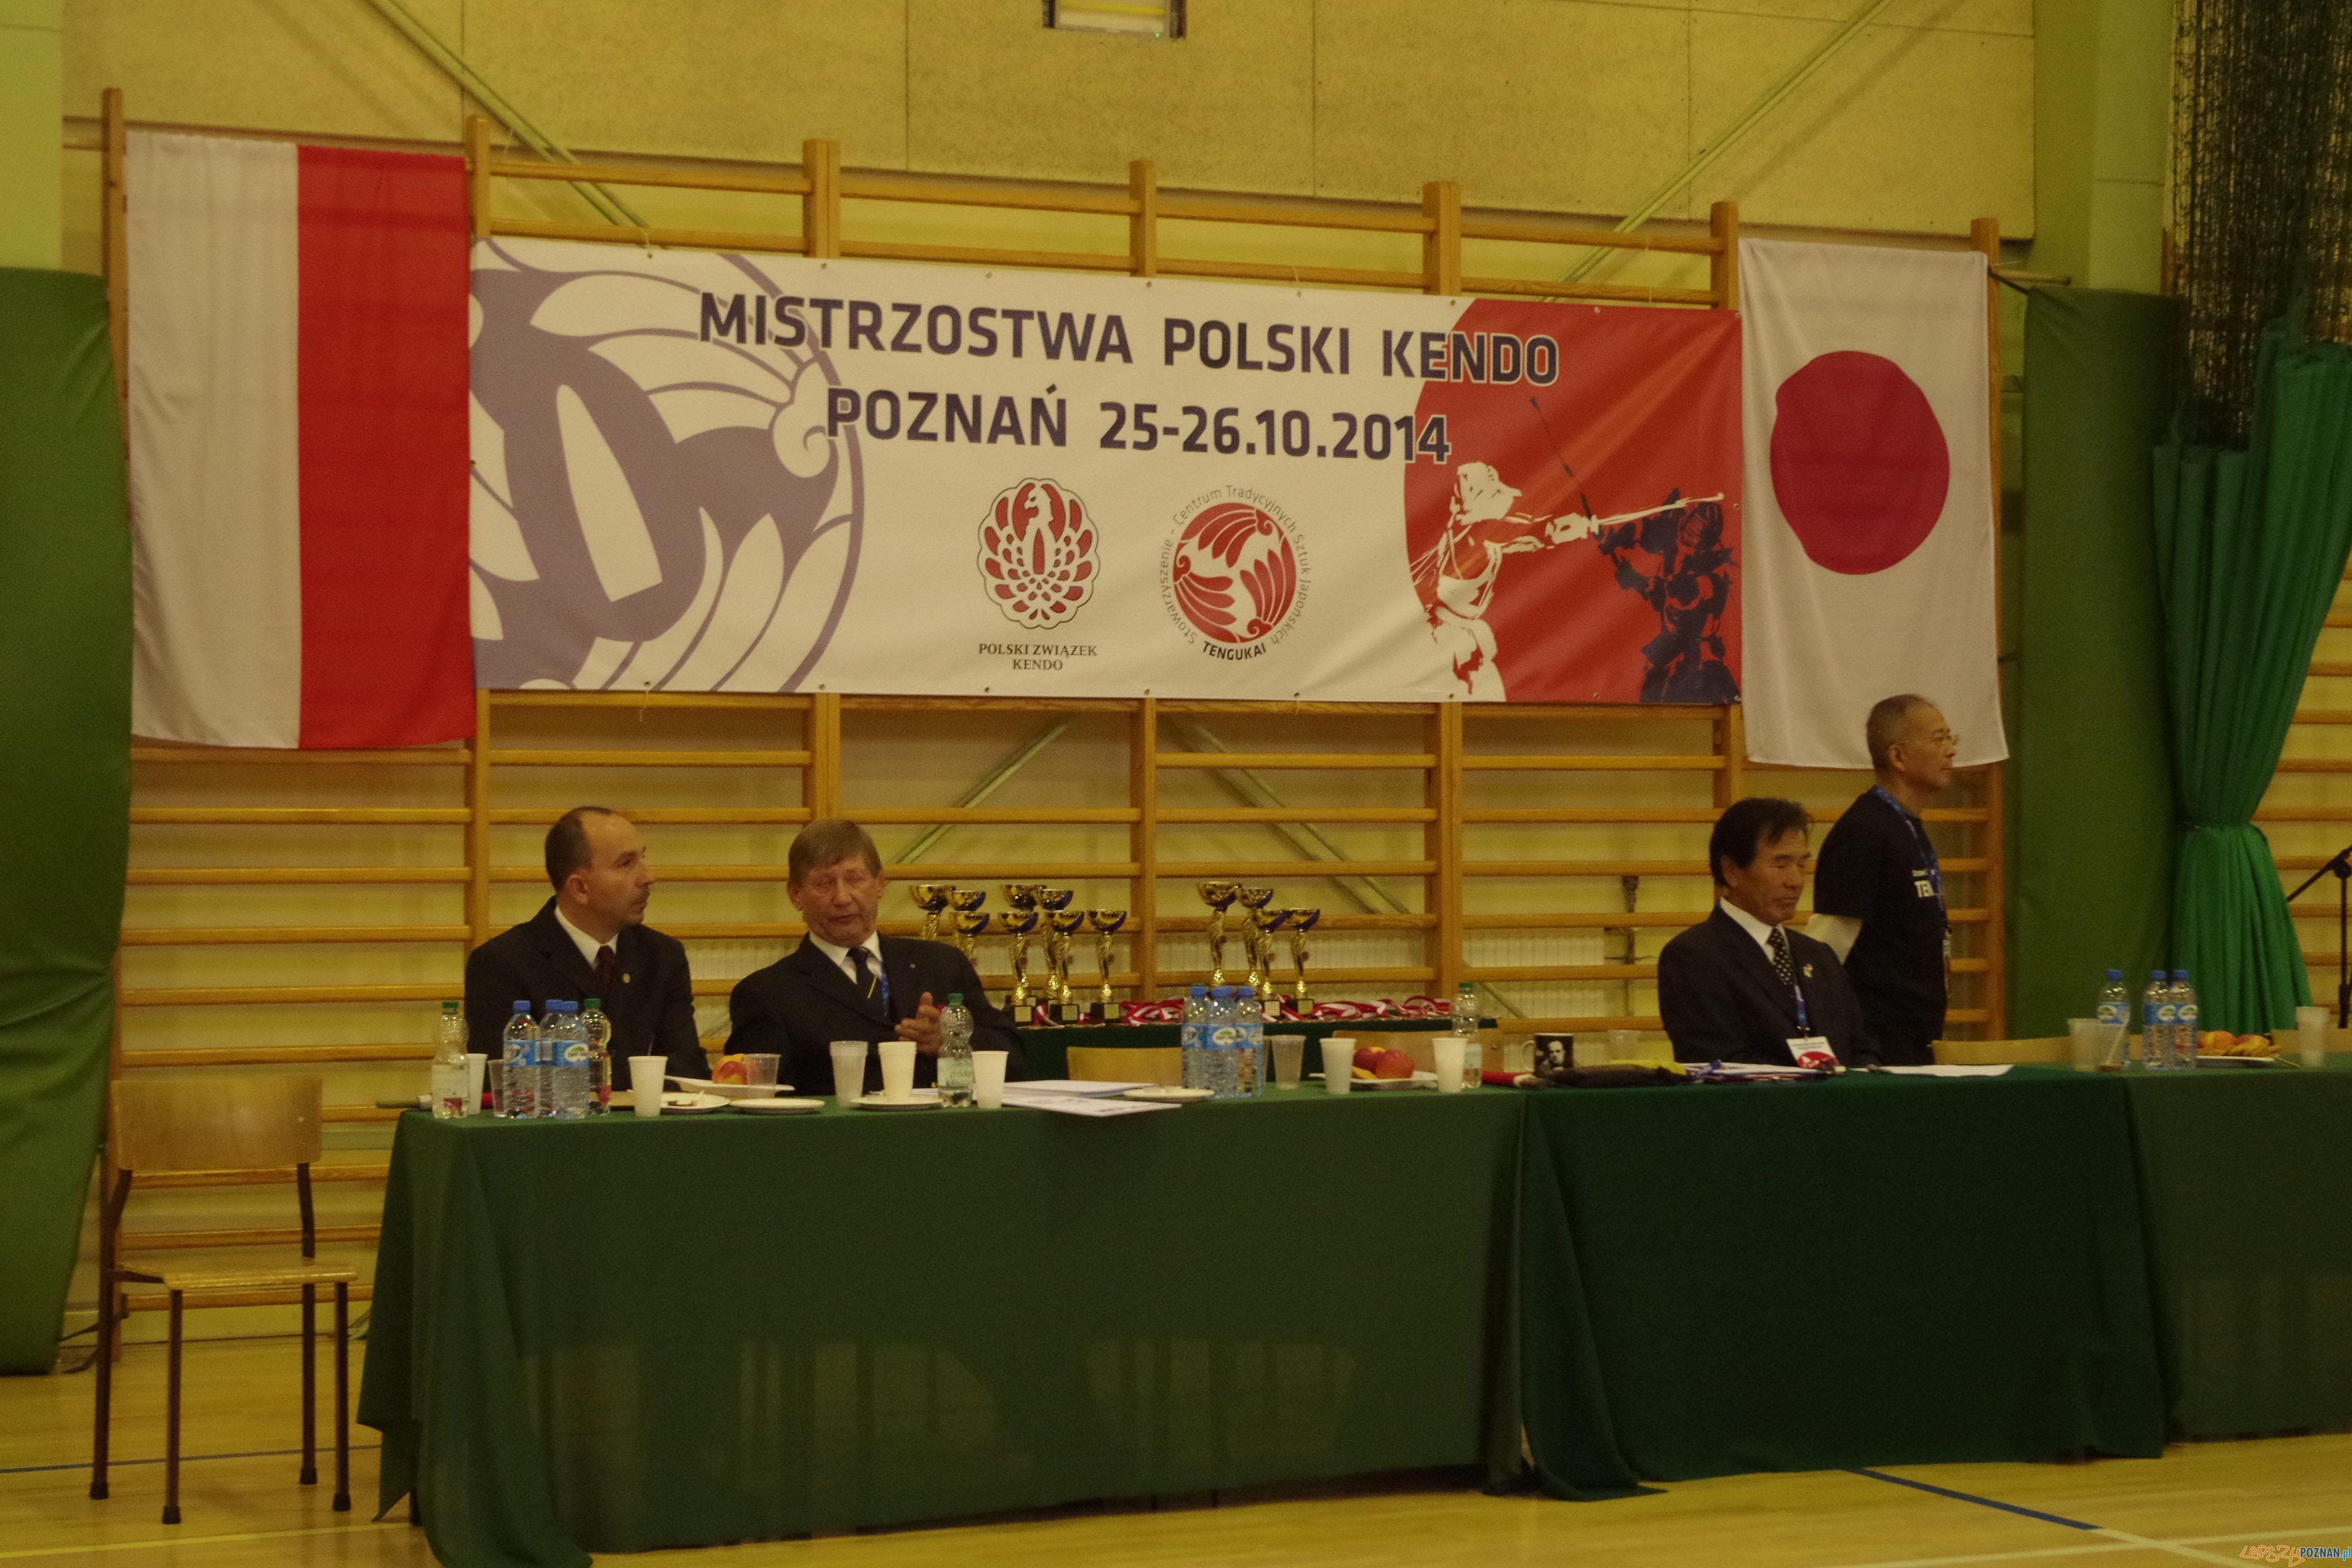 Mistrzowie kendo w Poznaniu  Foto: Krzysztof Ludwiczak